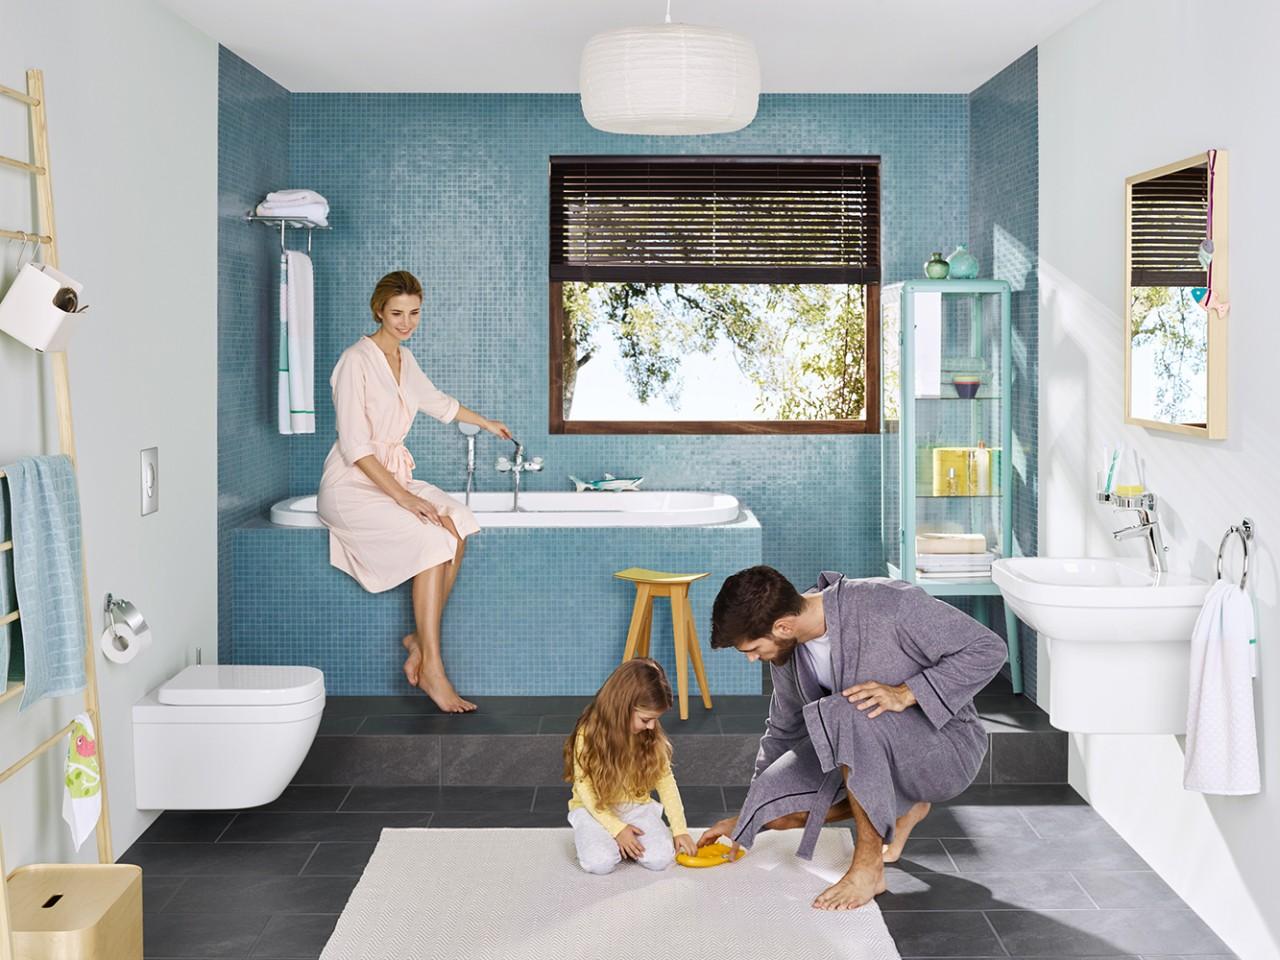 Образное выражение основных идей использованных для создания серии EUROSMART от Grohe в интерьере ванной комнаты